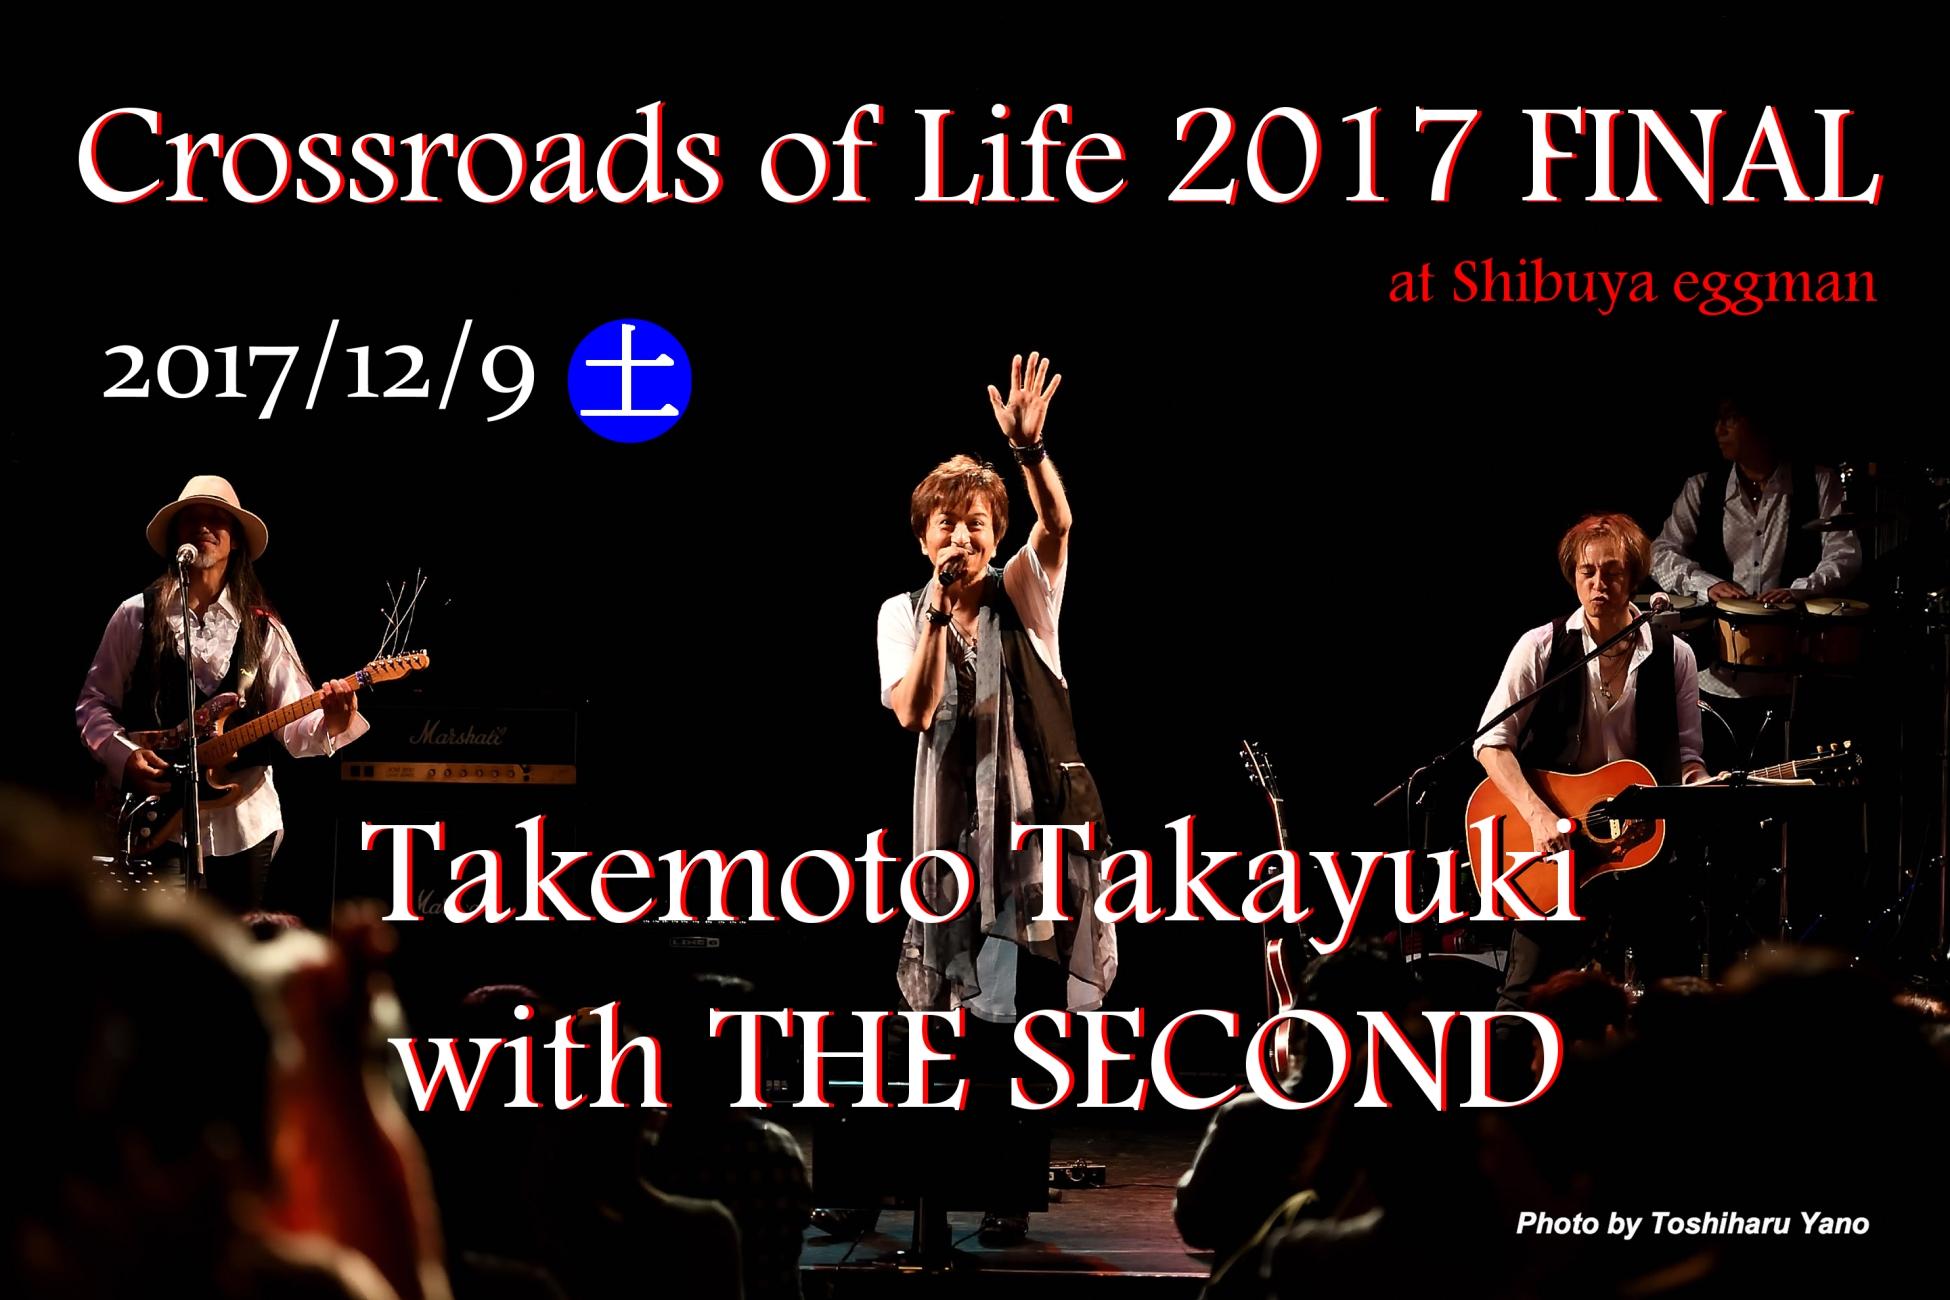 竹本孝之 Live tour 「Crossroads of Life 」 in 東京 2017 FINAL